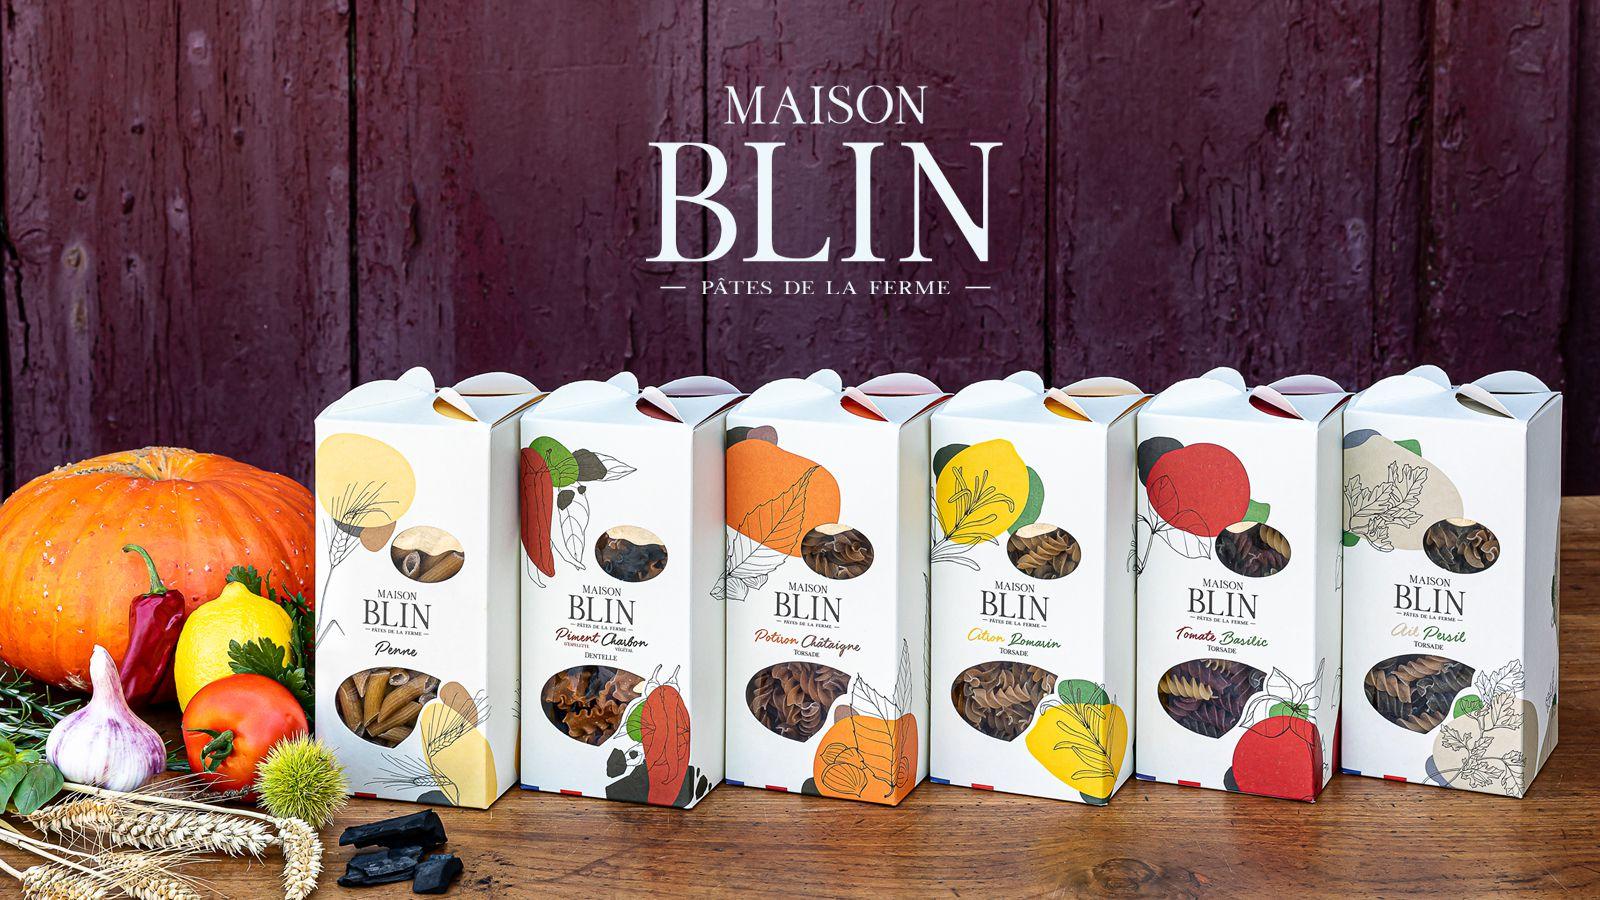 Maison Blin (pâtes artisanales) I Design : 2S GLOBAL DESIGN, France (octobre 2020)